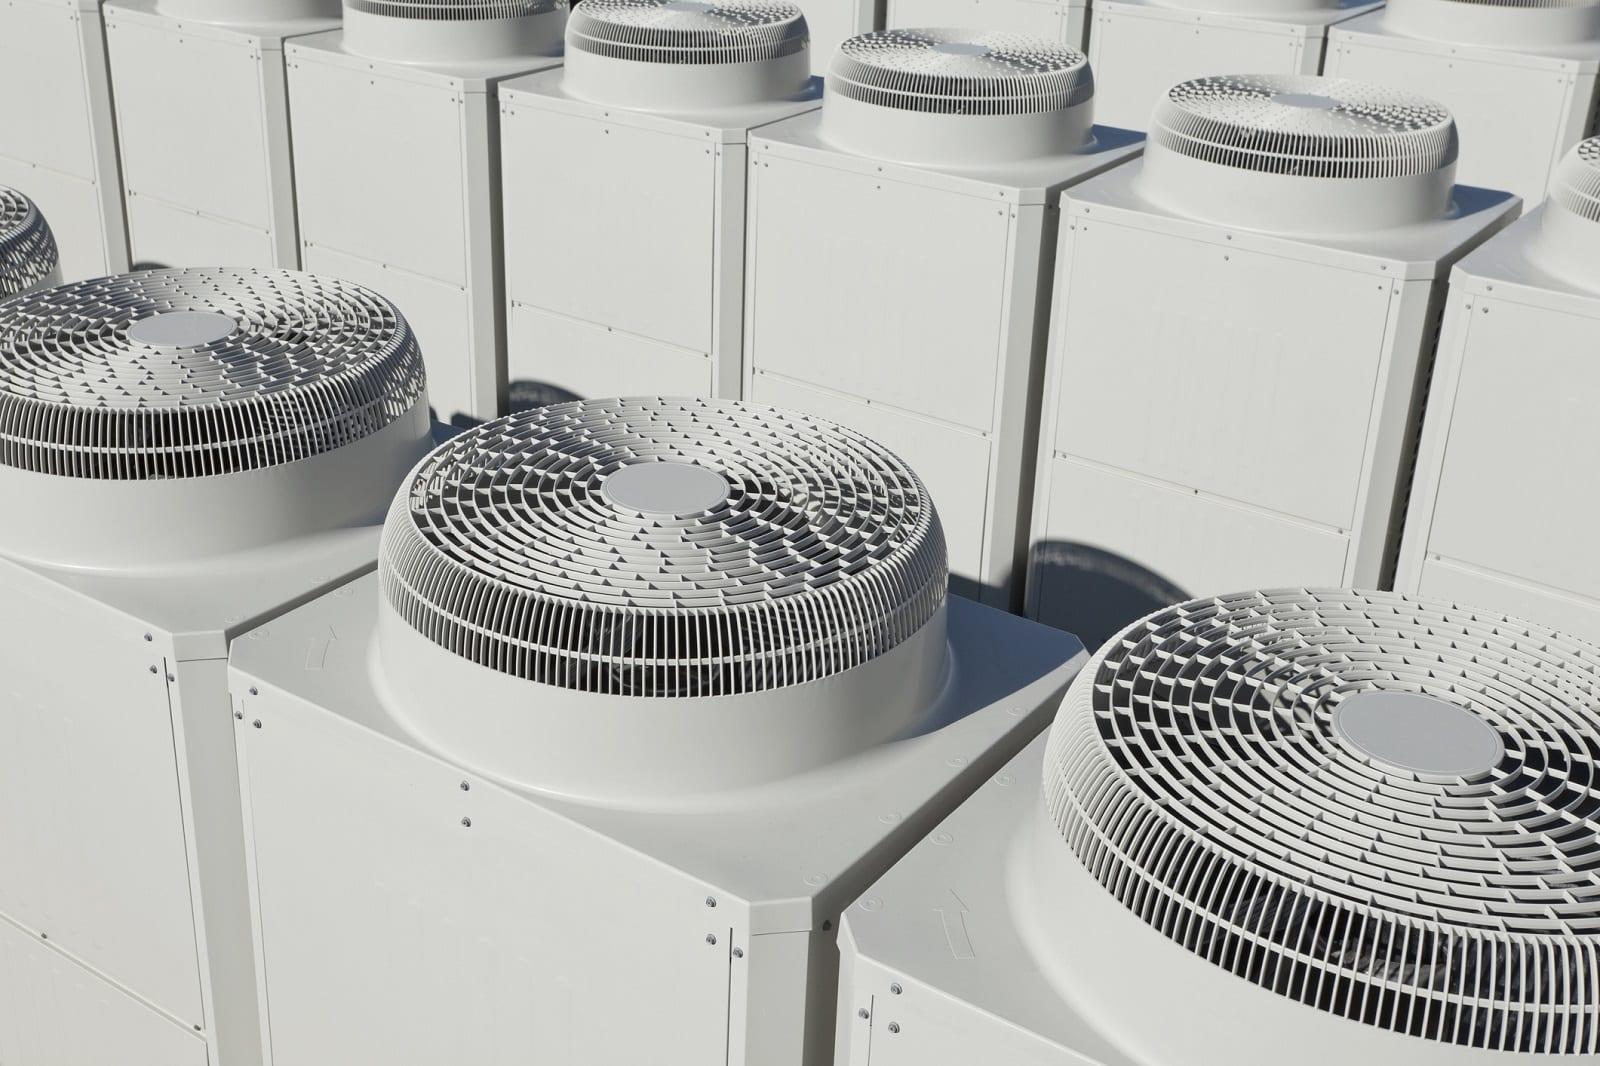 Które firmy są światowymi liderami w produkcji urządzeń klimatyzacyjnych?